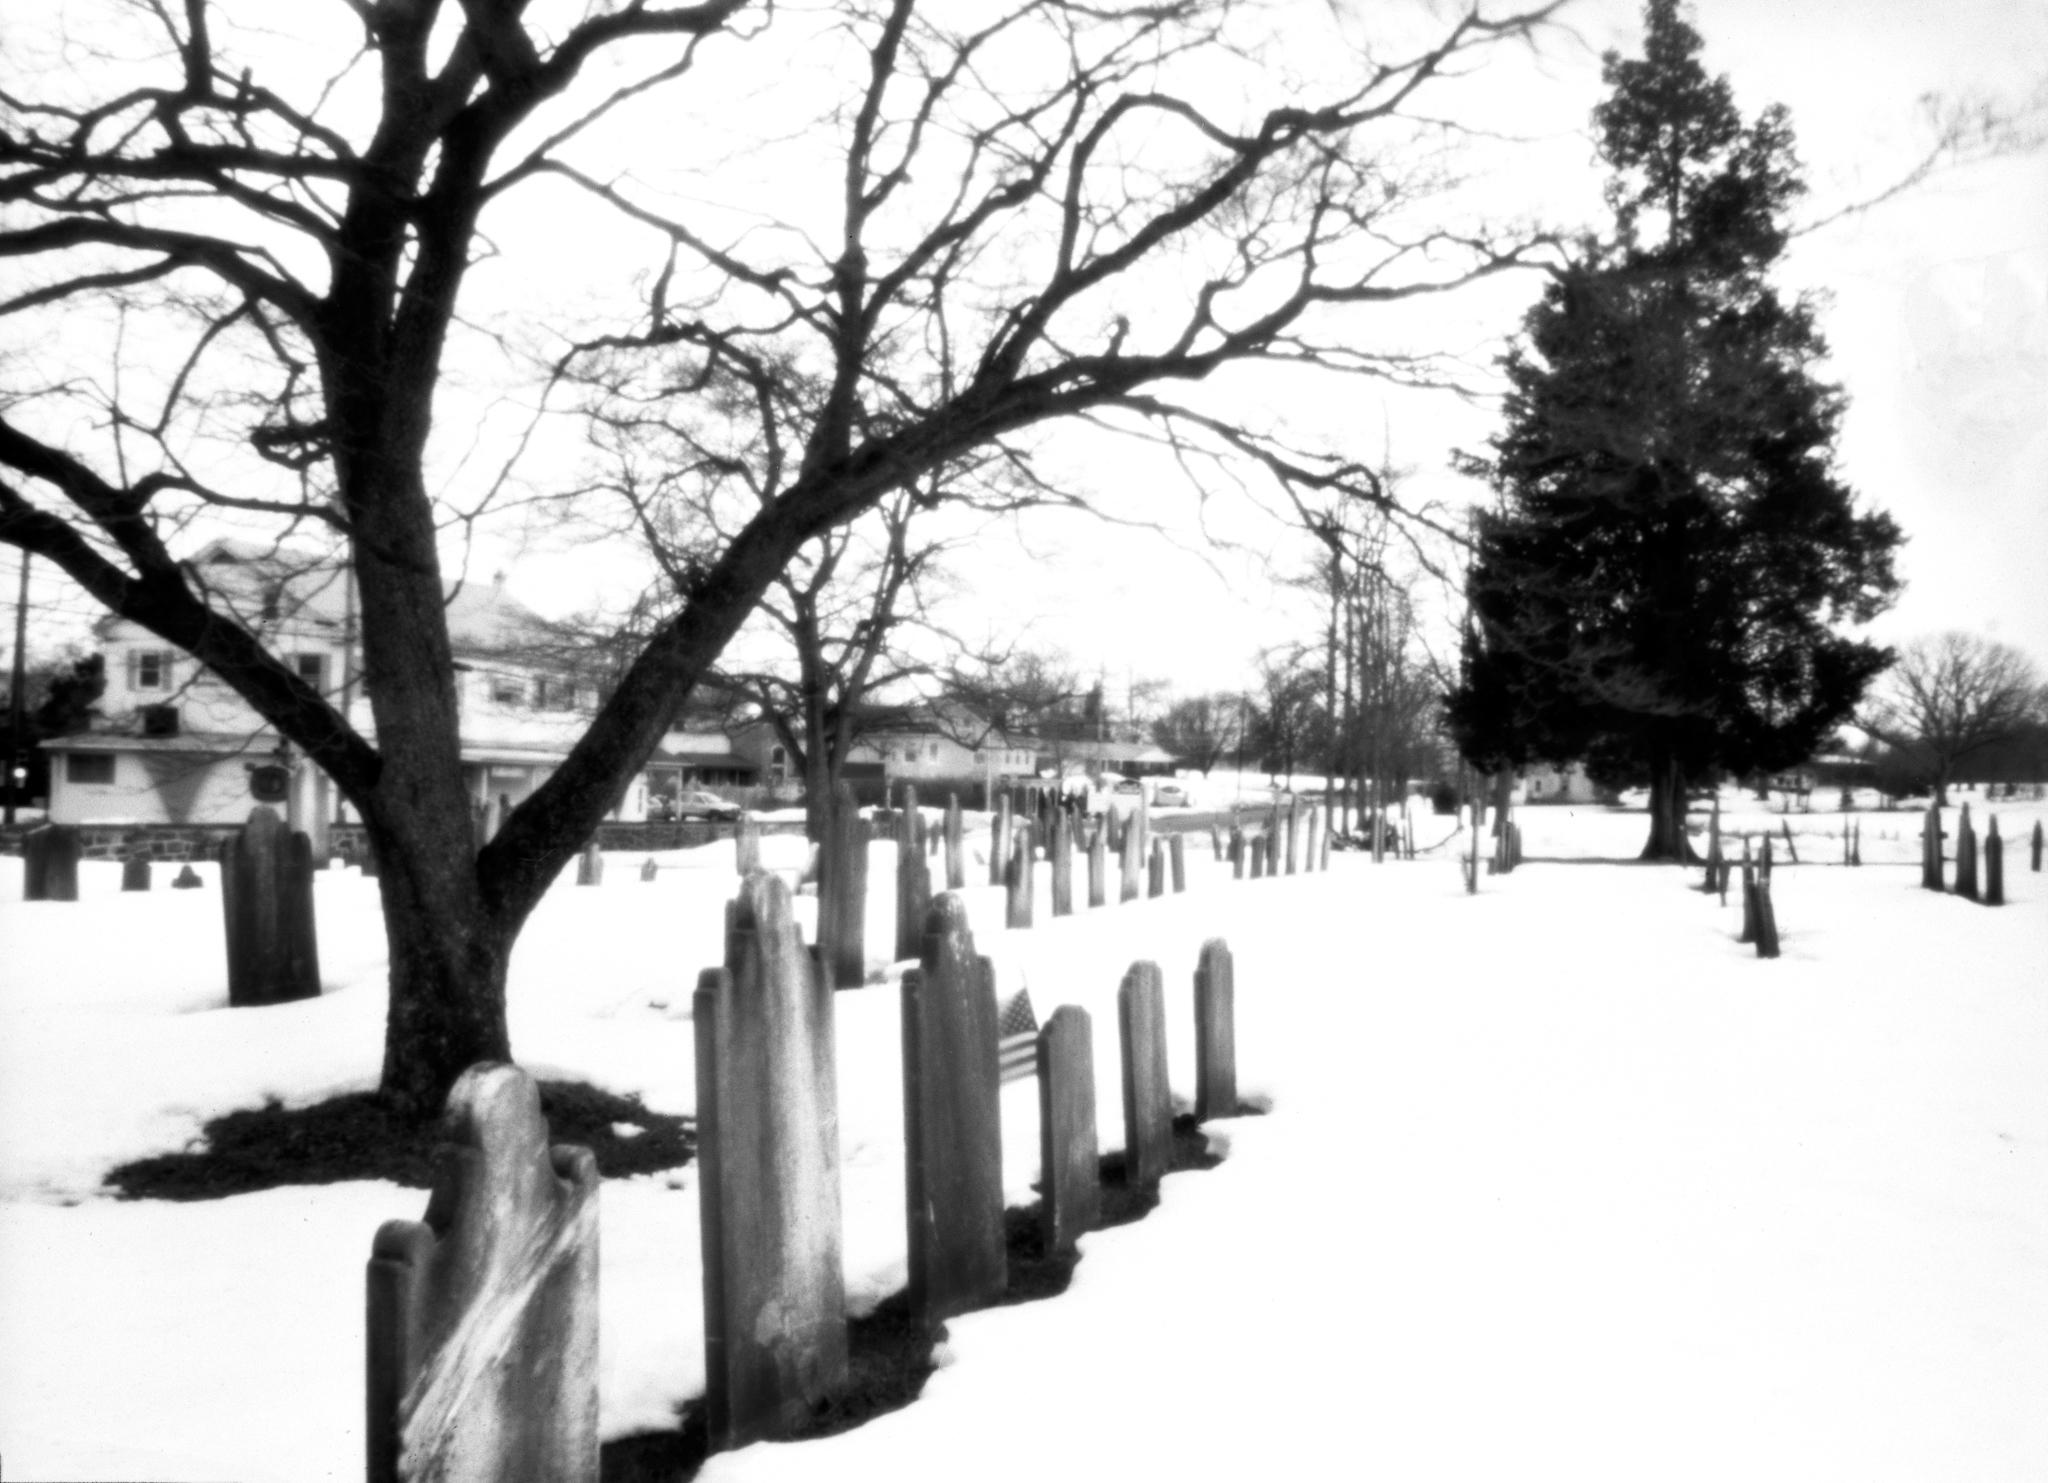 St Paul's UCC Cemetery.Amity Pennsylvania.Rob Kauzlarich built 90mm 4x5.